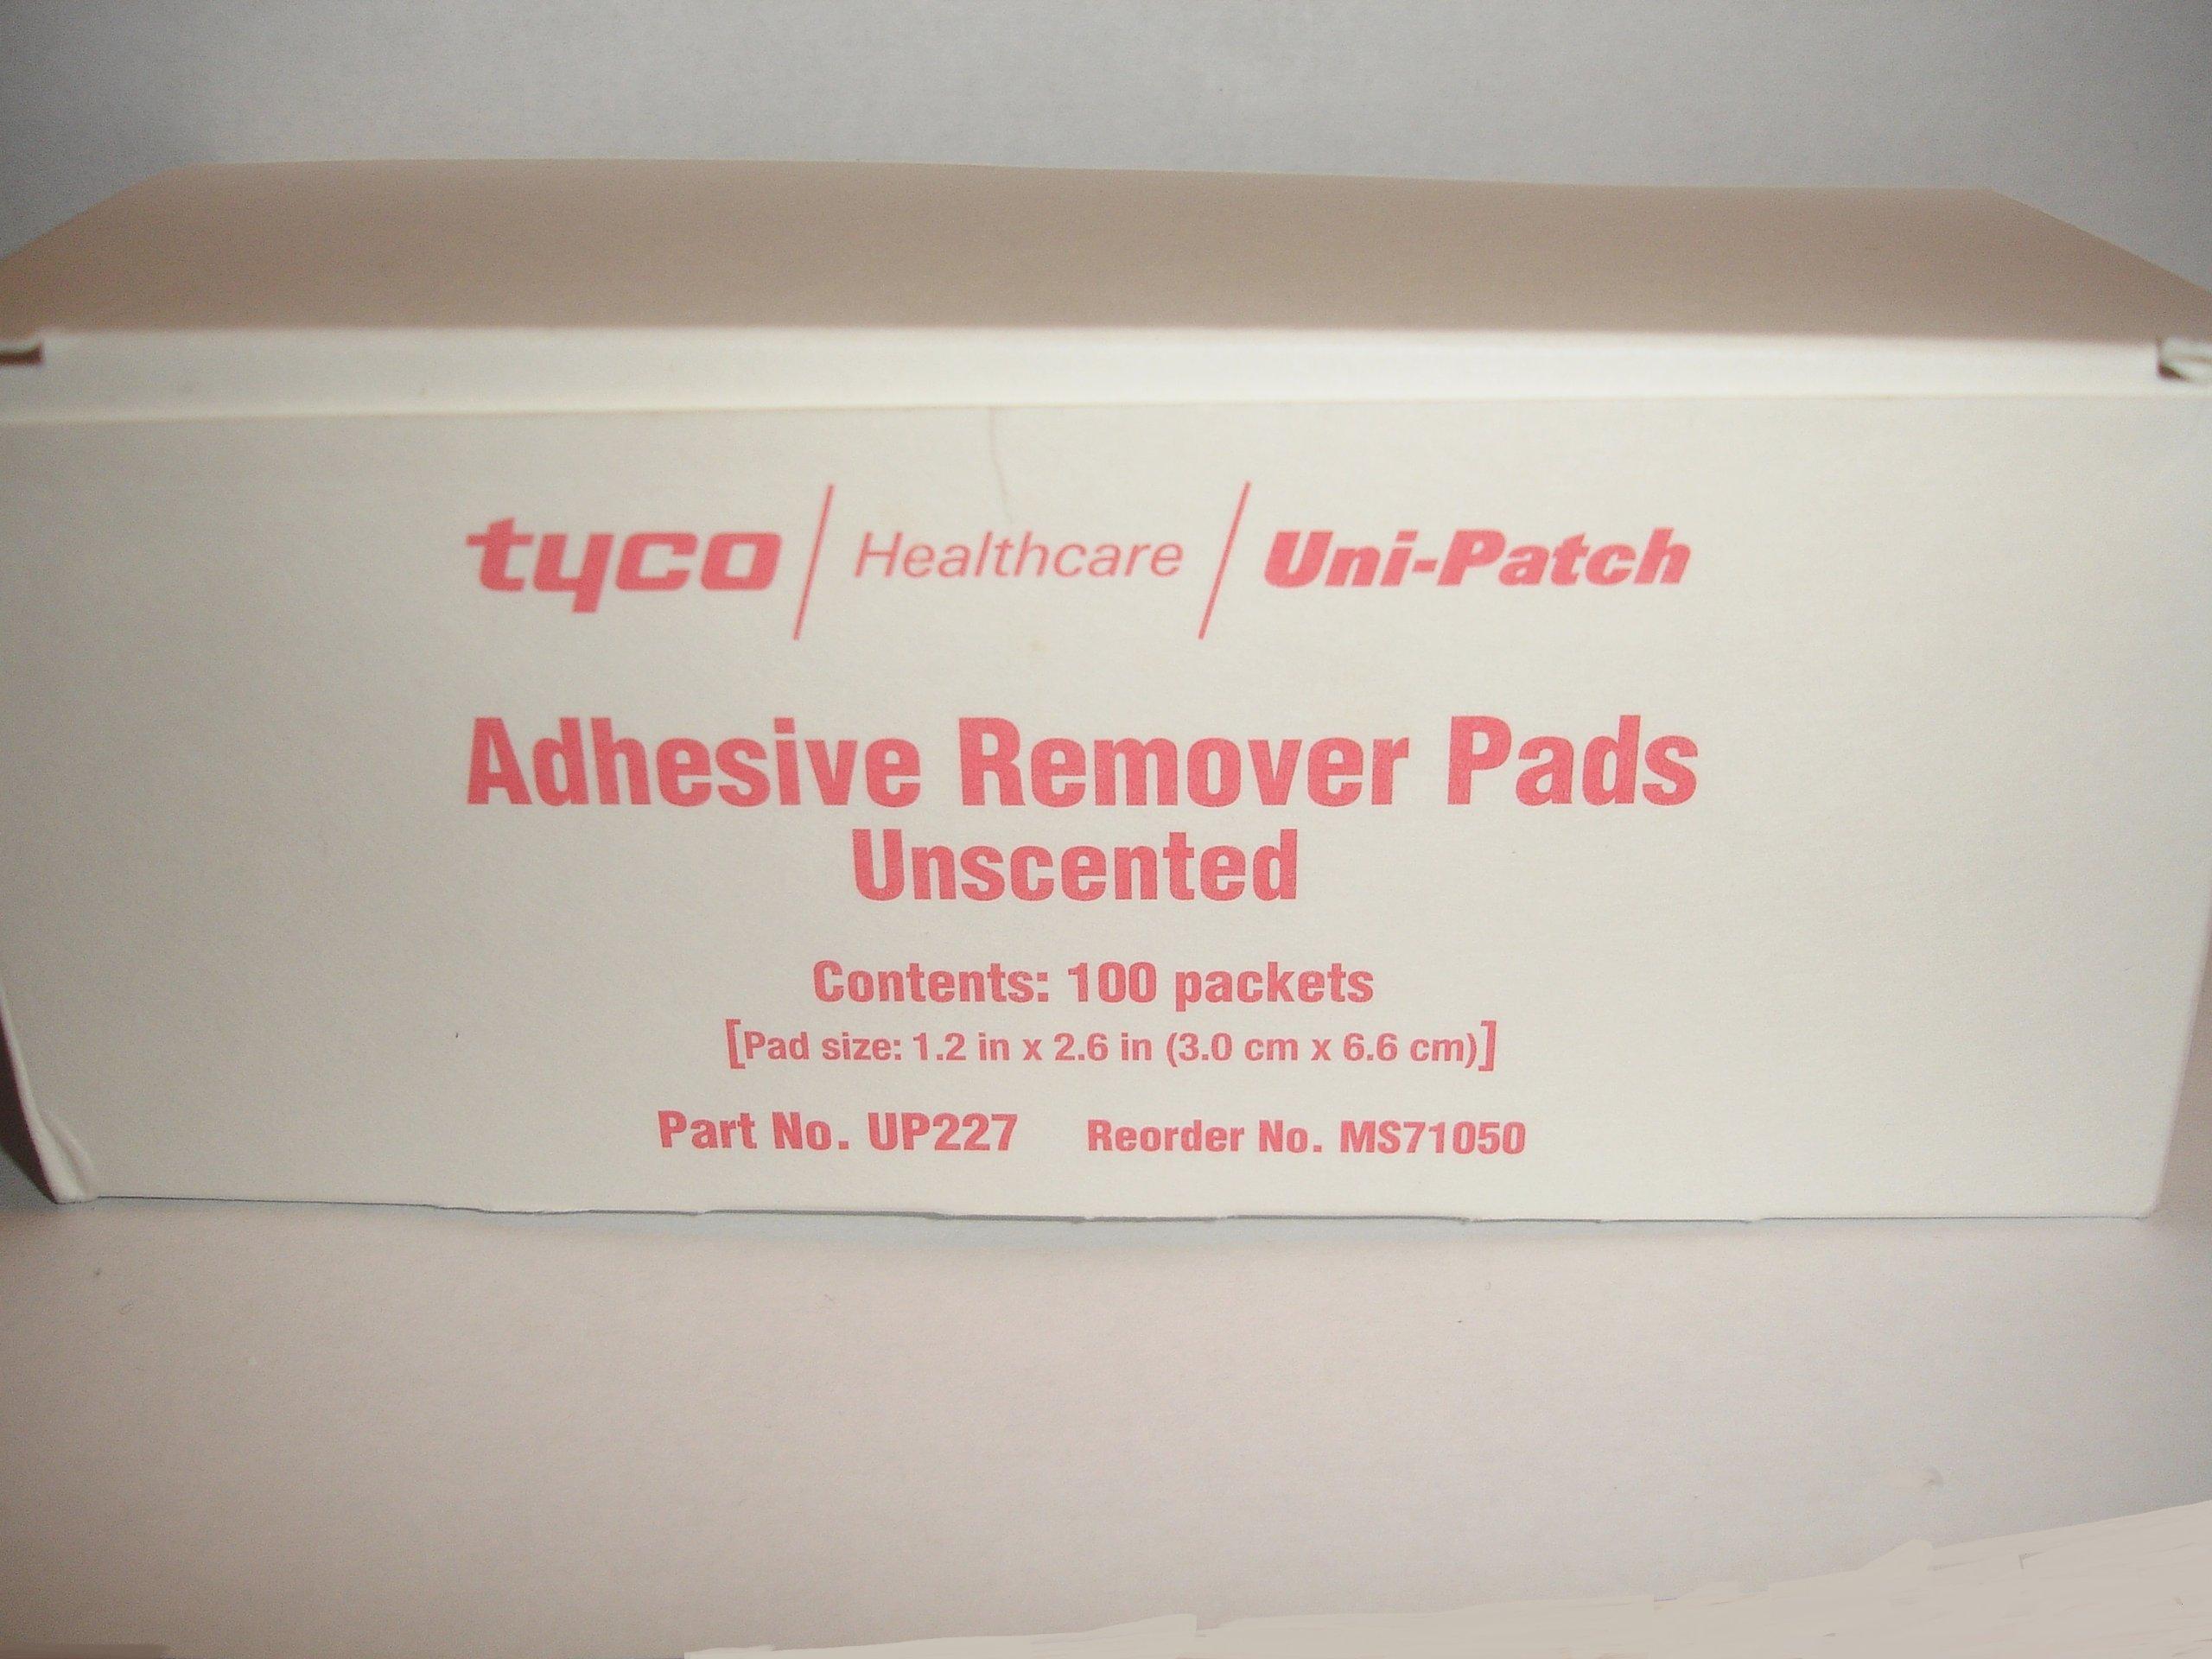 Galleon - 200 Packs - 2 - 100/Box = 200 Packs Adhesive